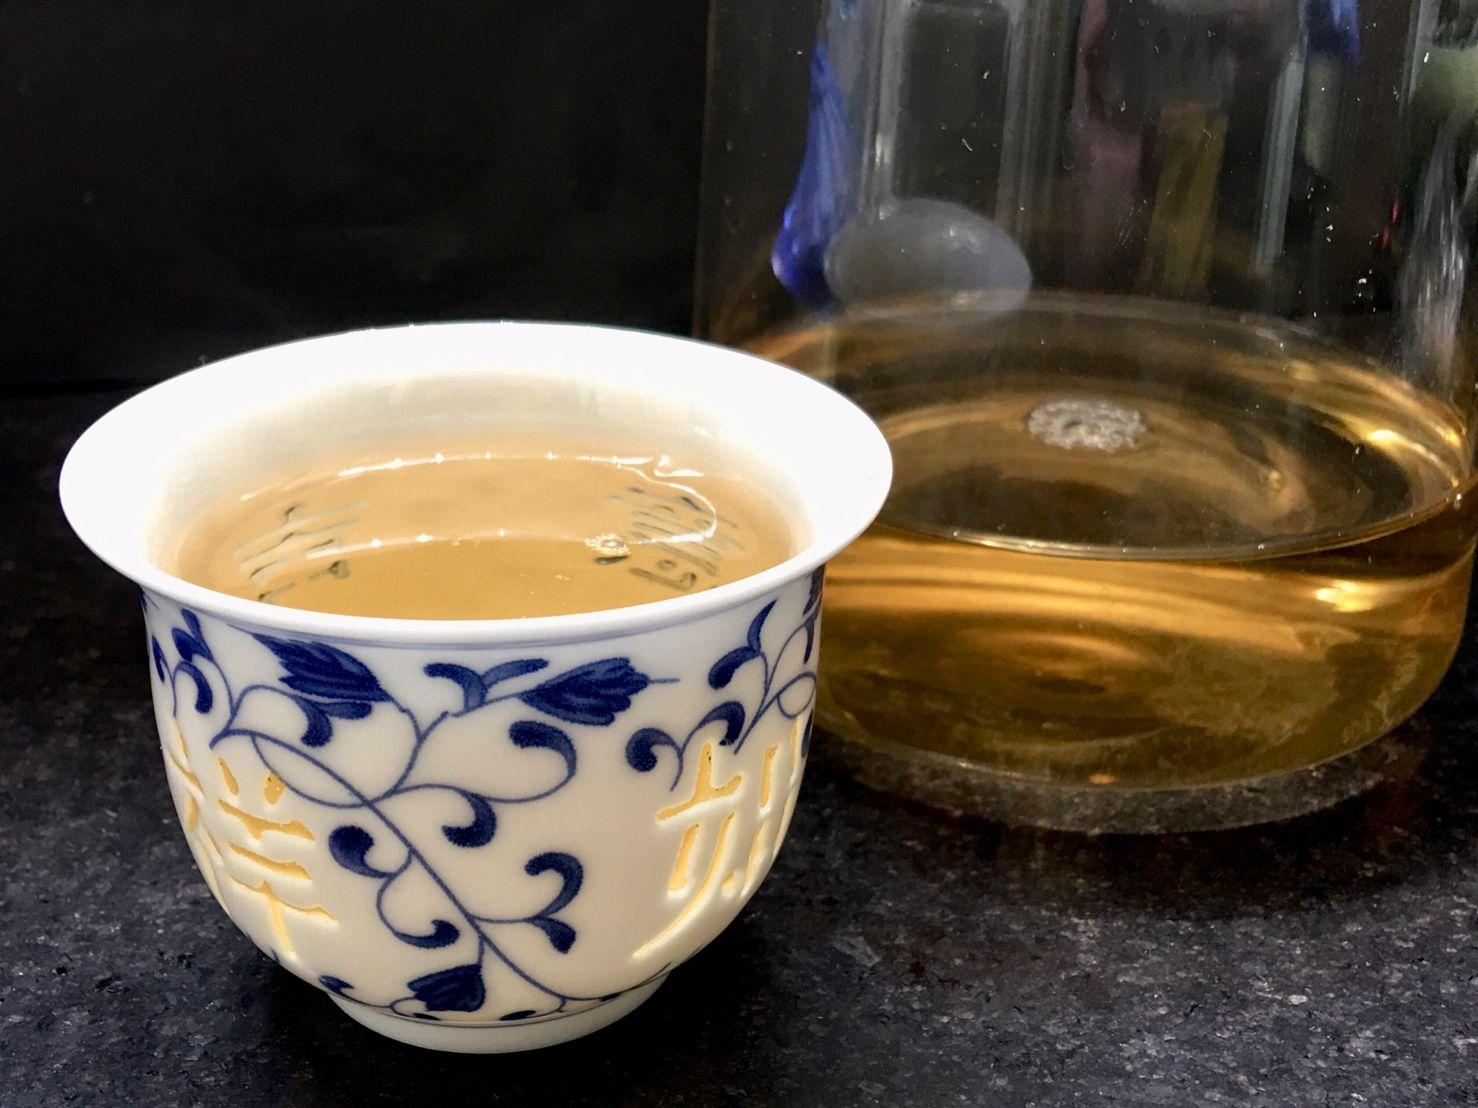 Yún Nán Yuè Guāng Bái Chá, 云南月光白茶, Yunnan Moonlight Beauty White Tea